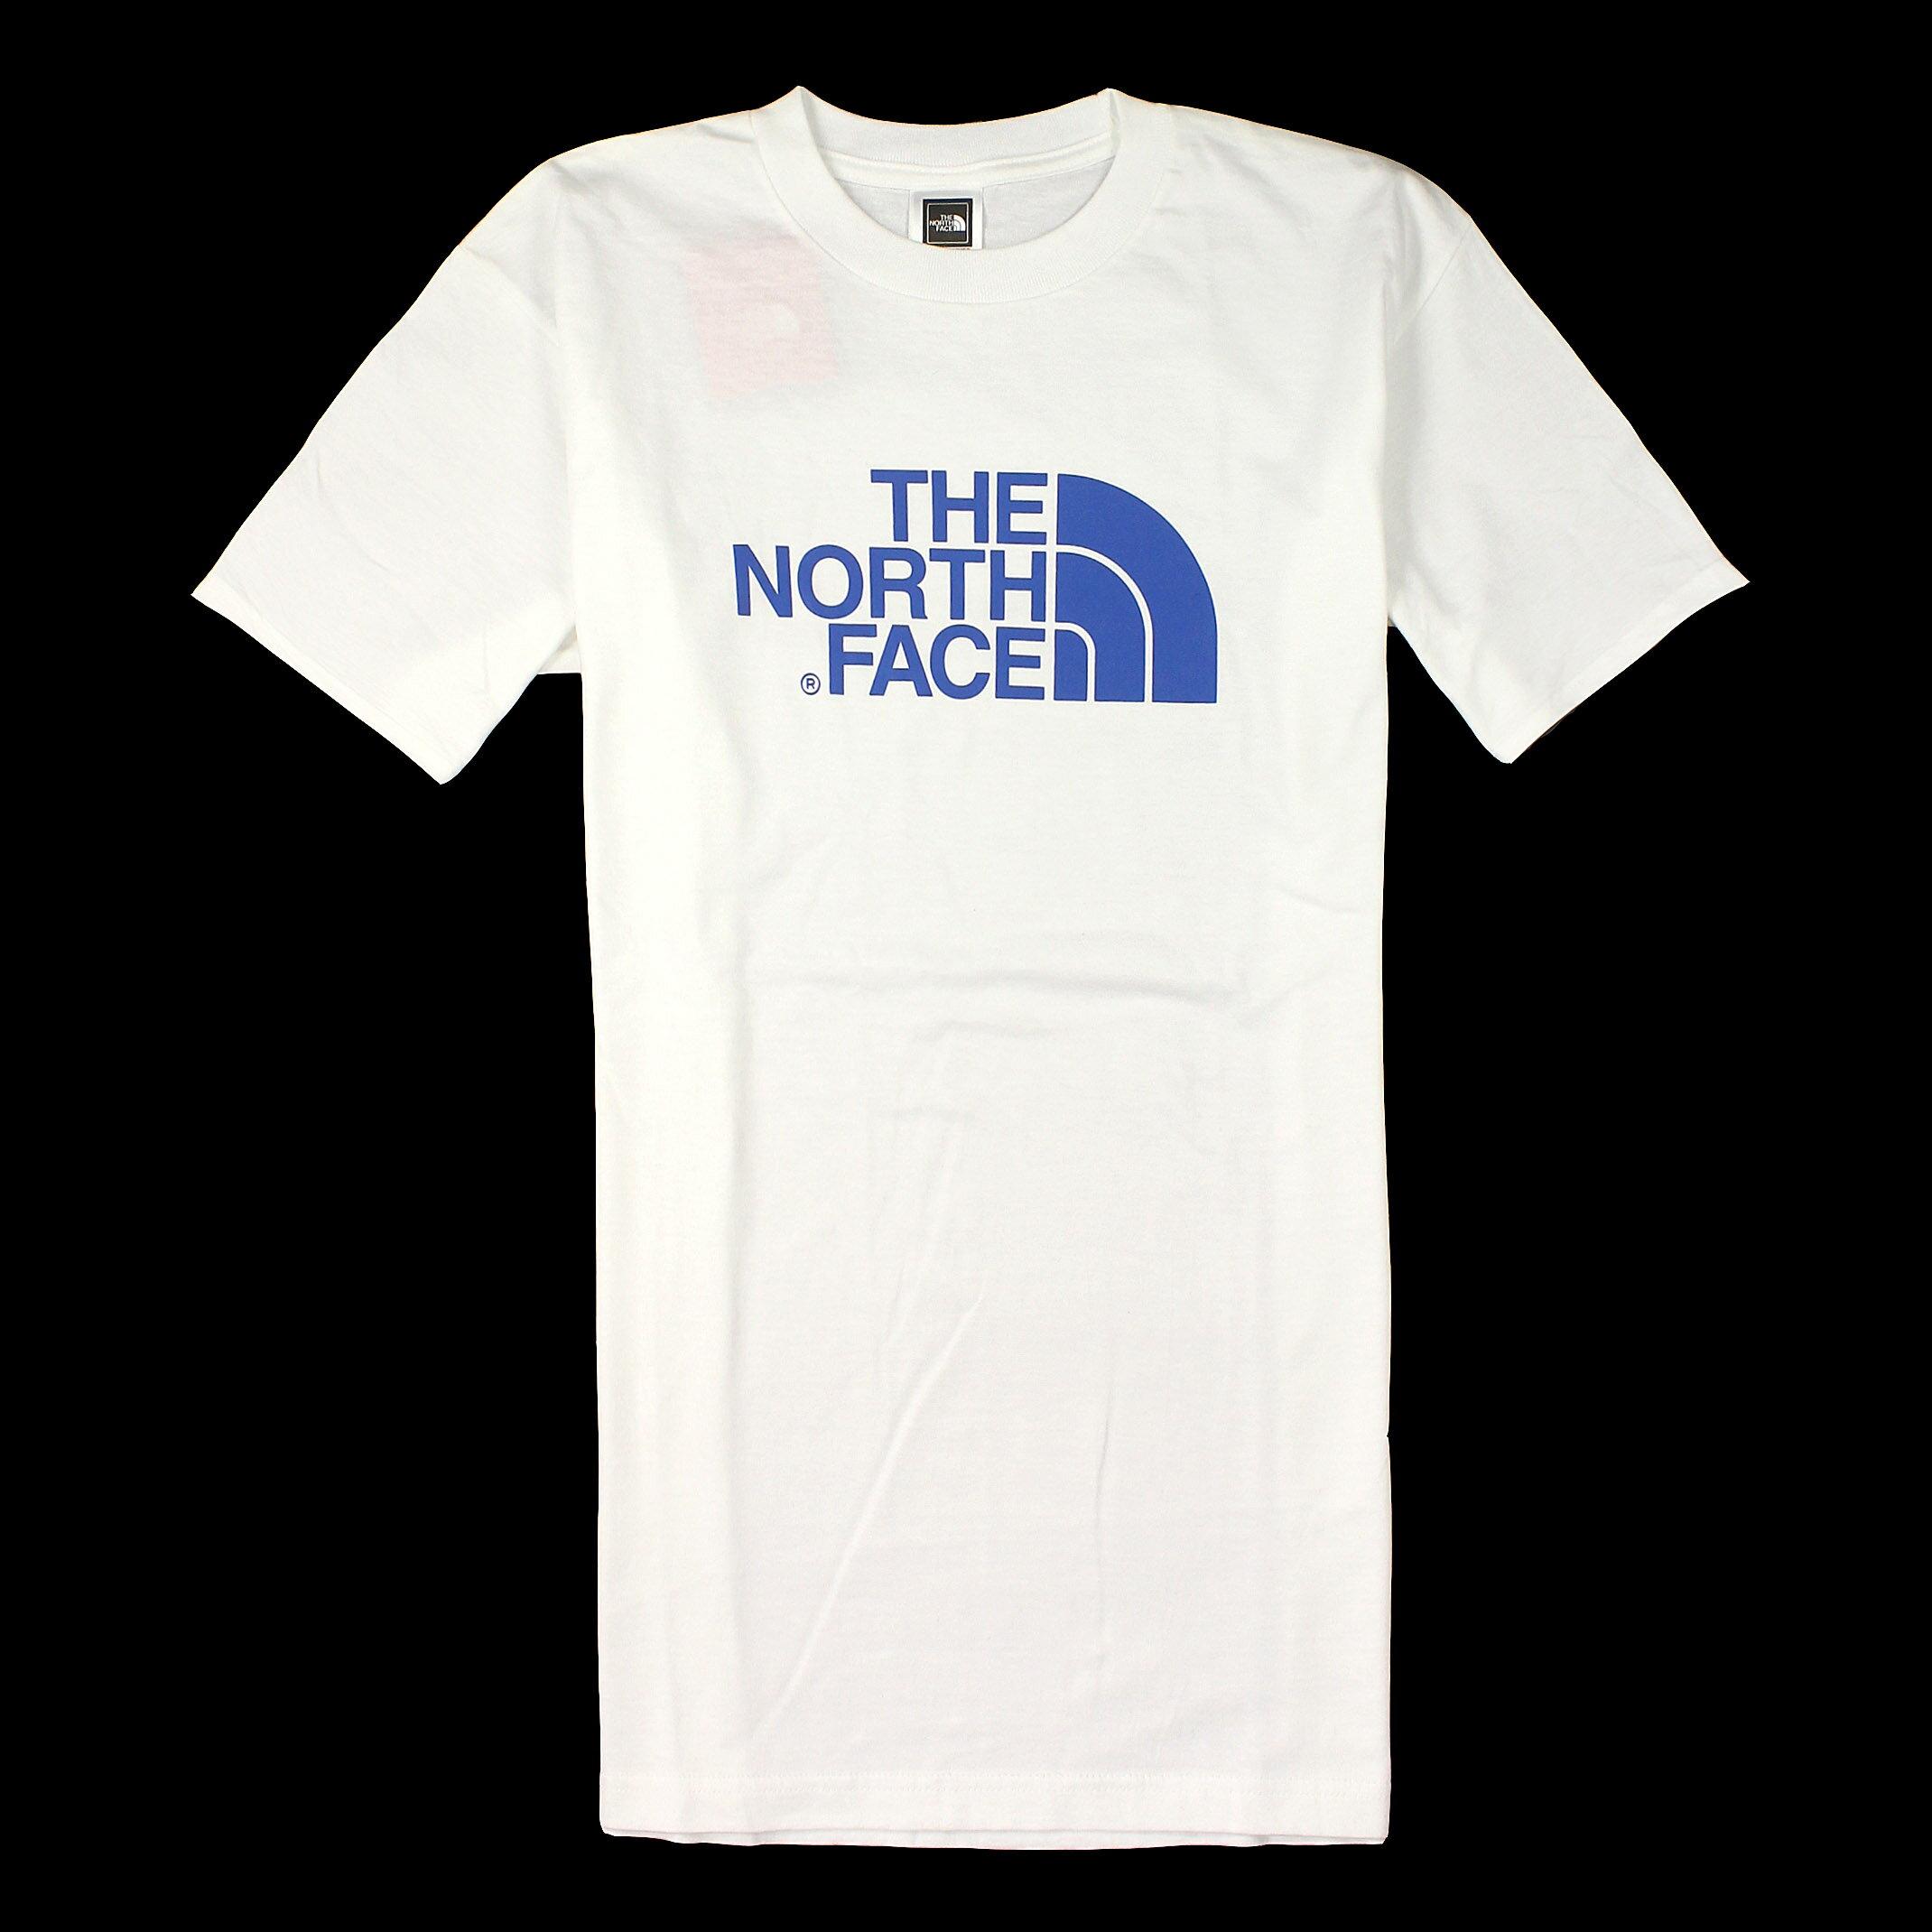 美國百分百【全新真品】The North Face T恤 短袖 上衣 T-shirt 北臉 白 素面 純棉 Logo 男 S M L號